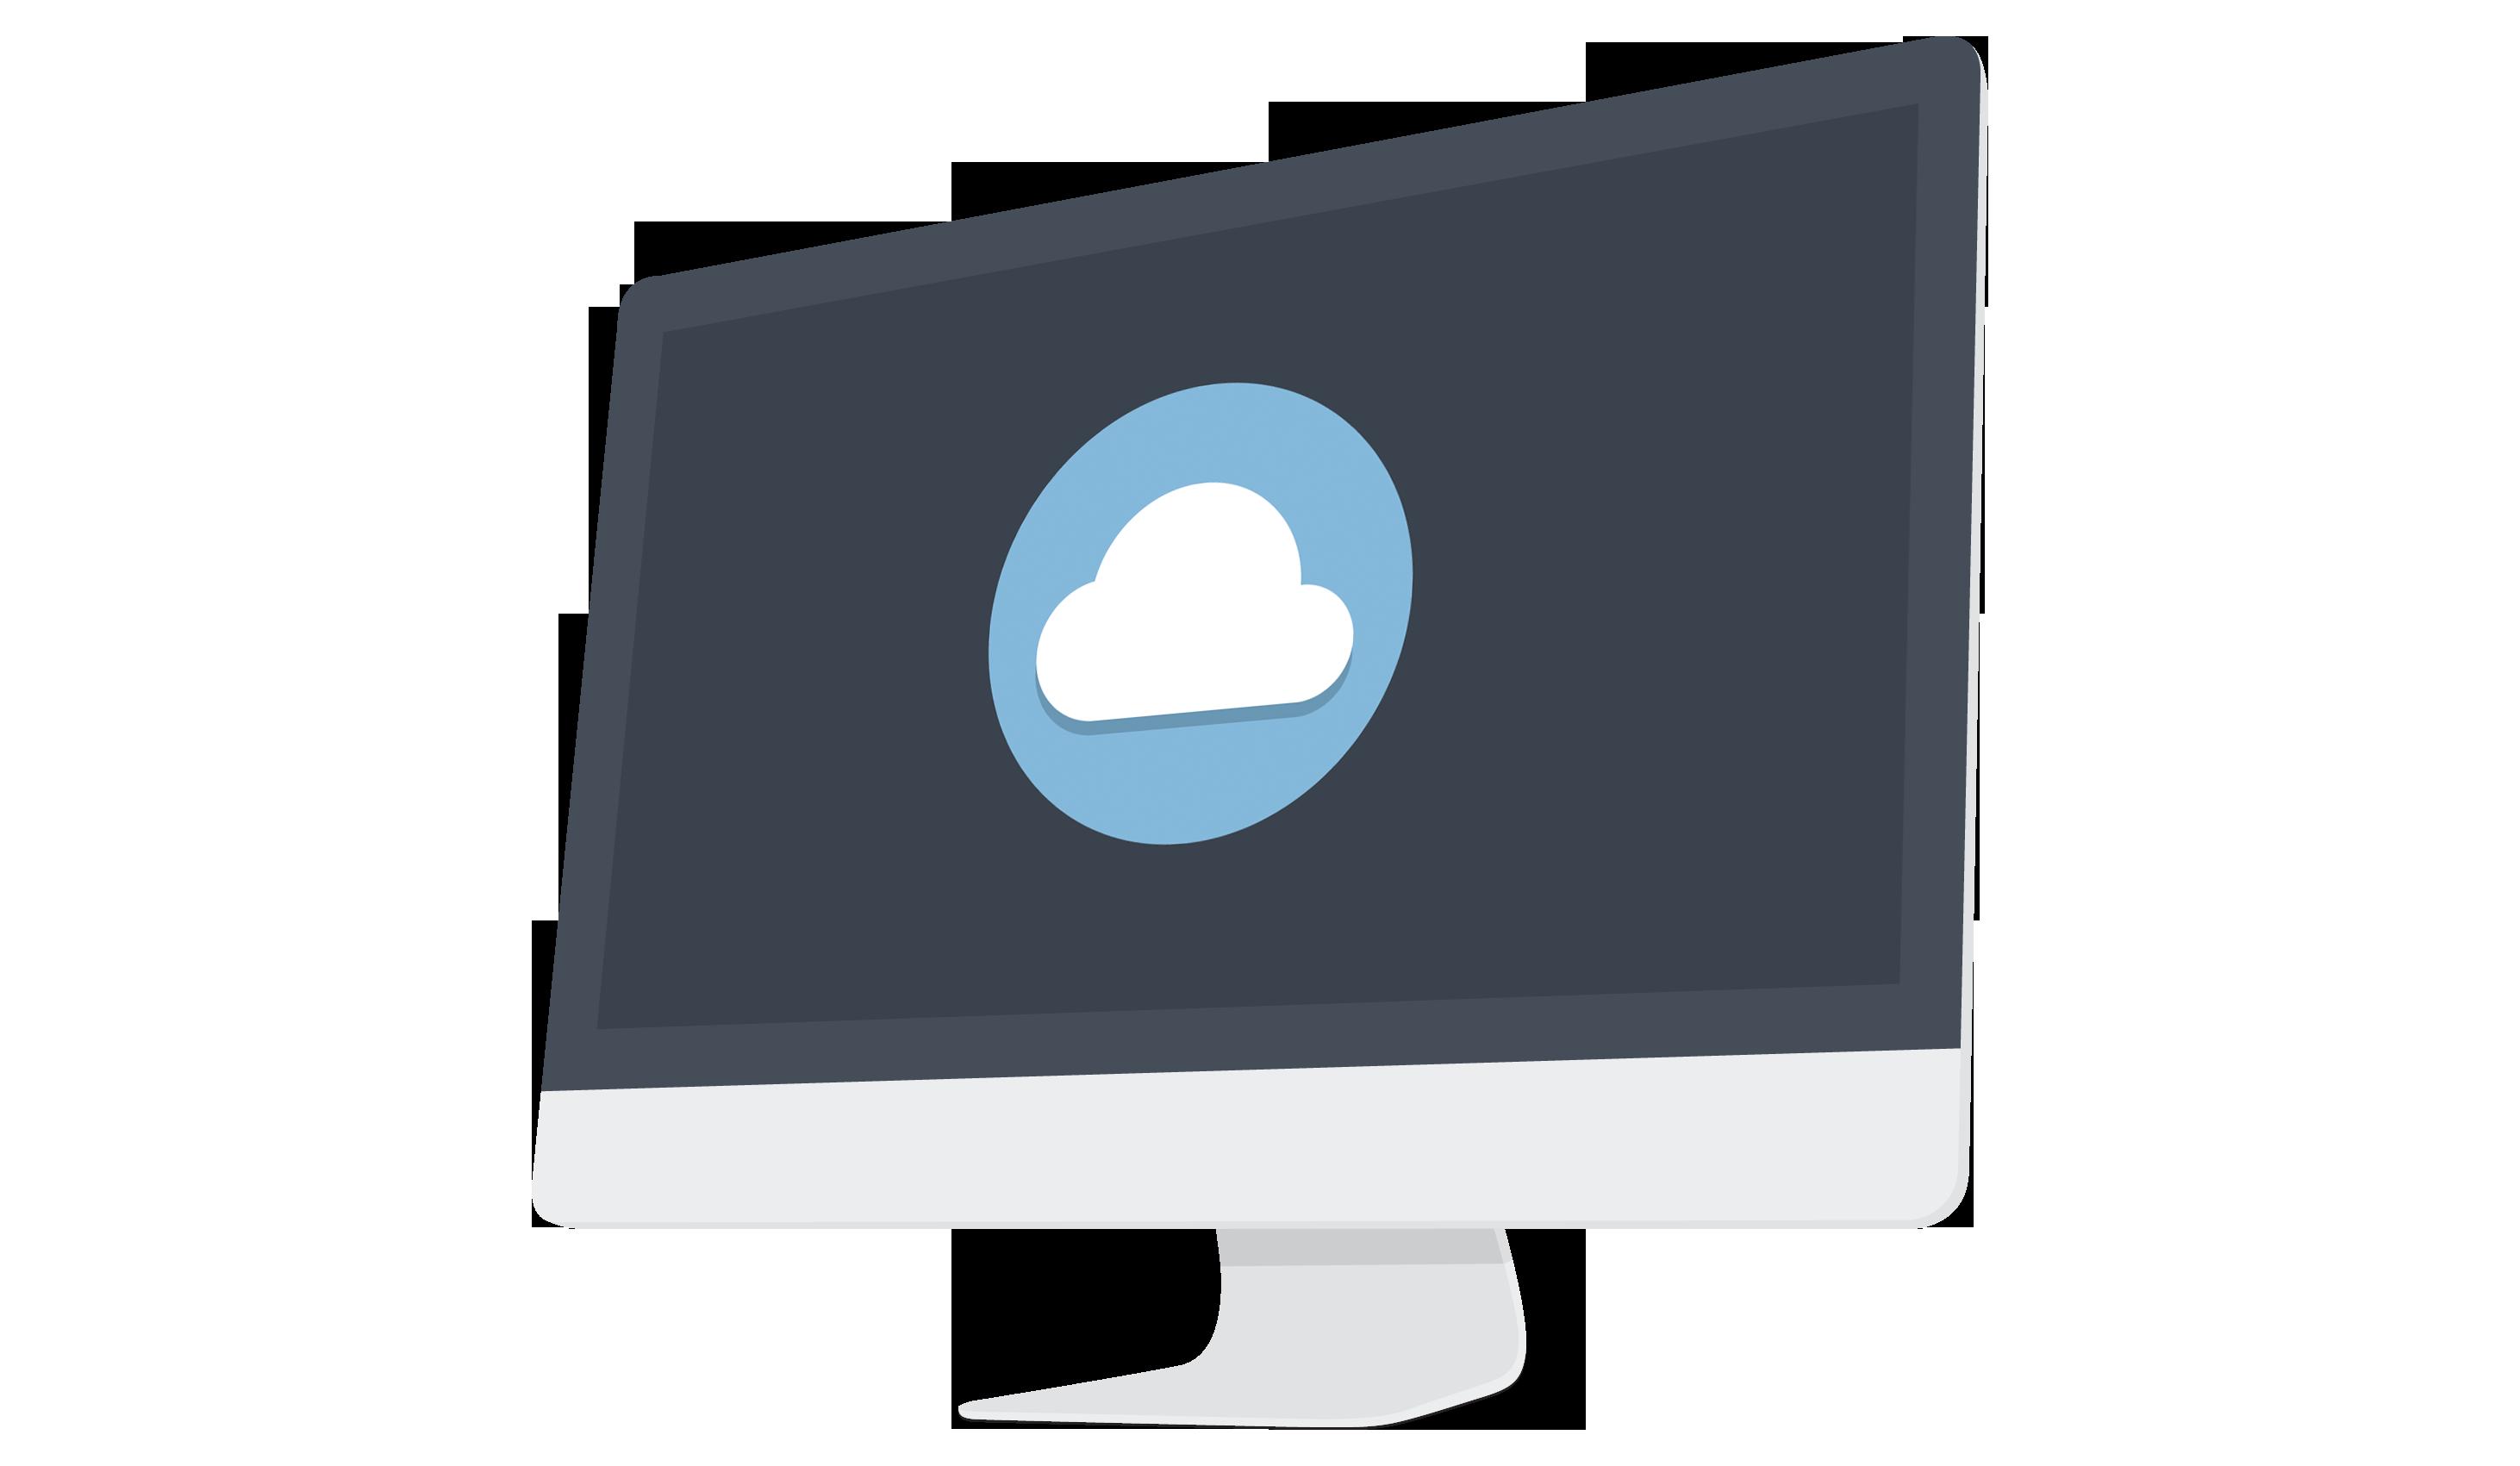 iMac_cloud